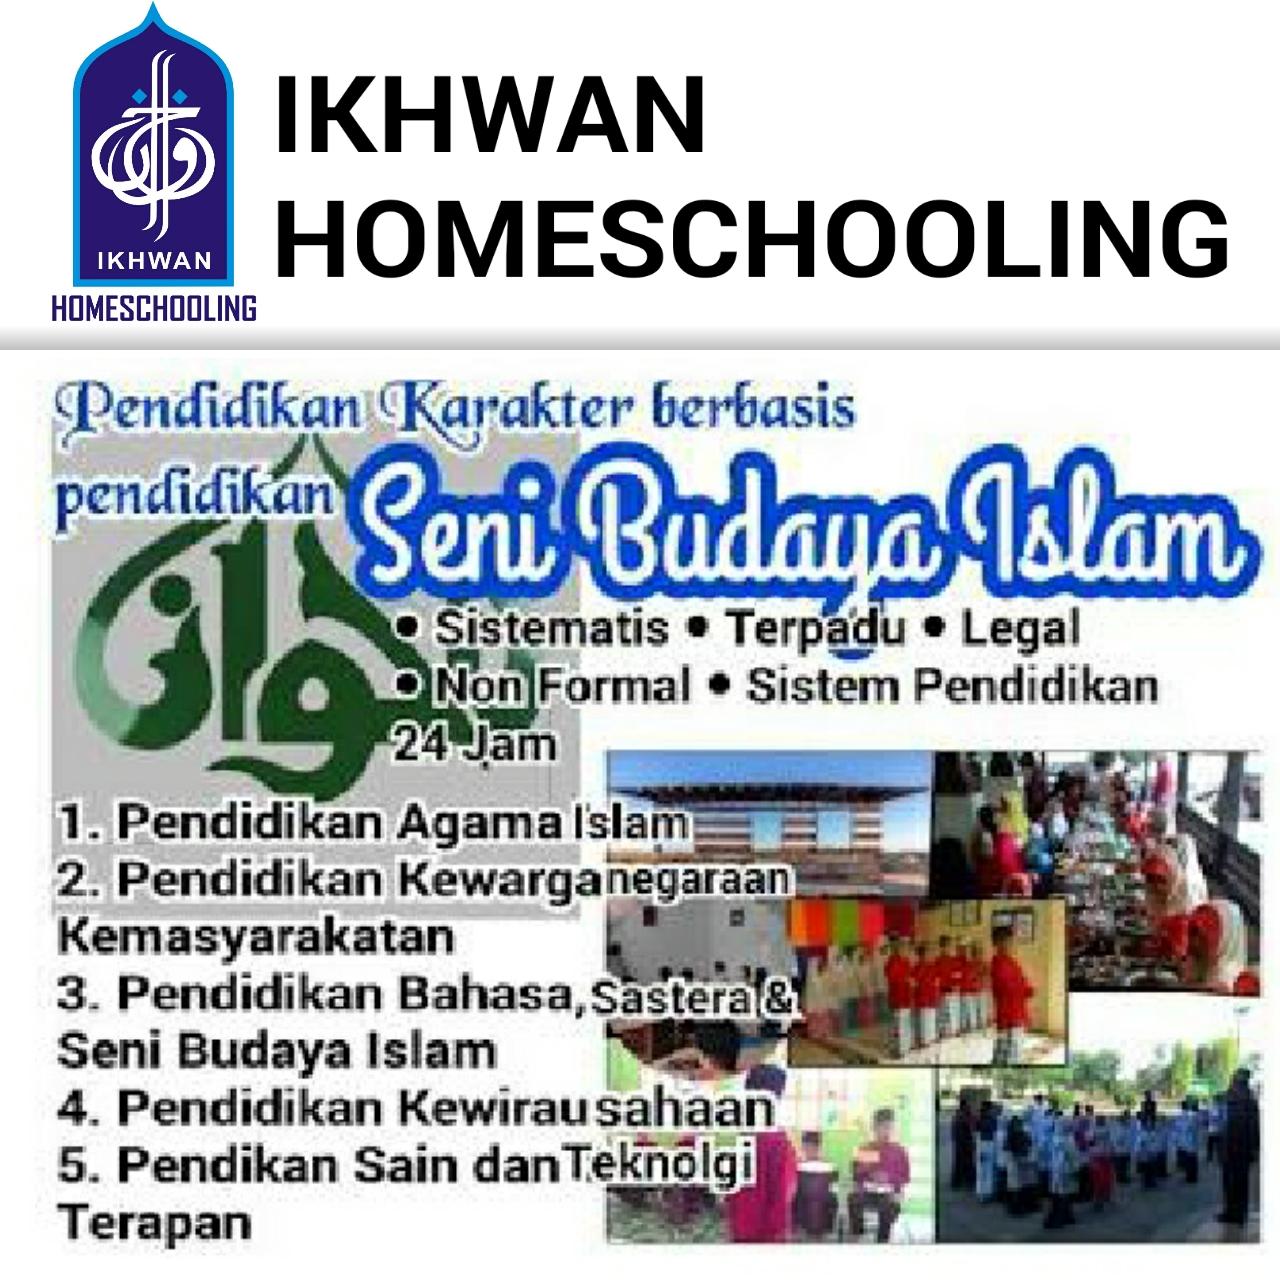 IKWAN HOMESCHOOLING – Ikhwan Homeschooling